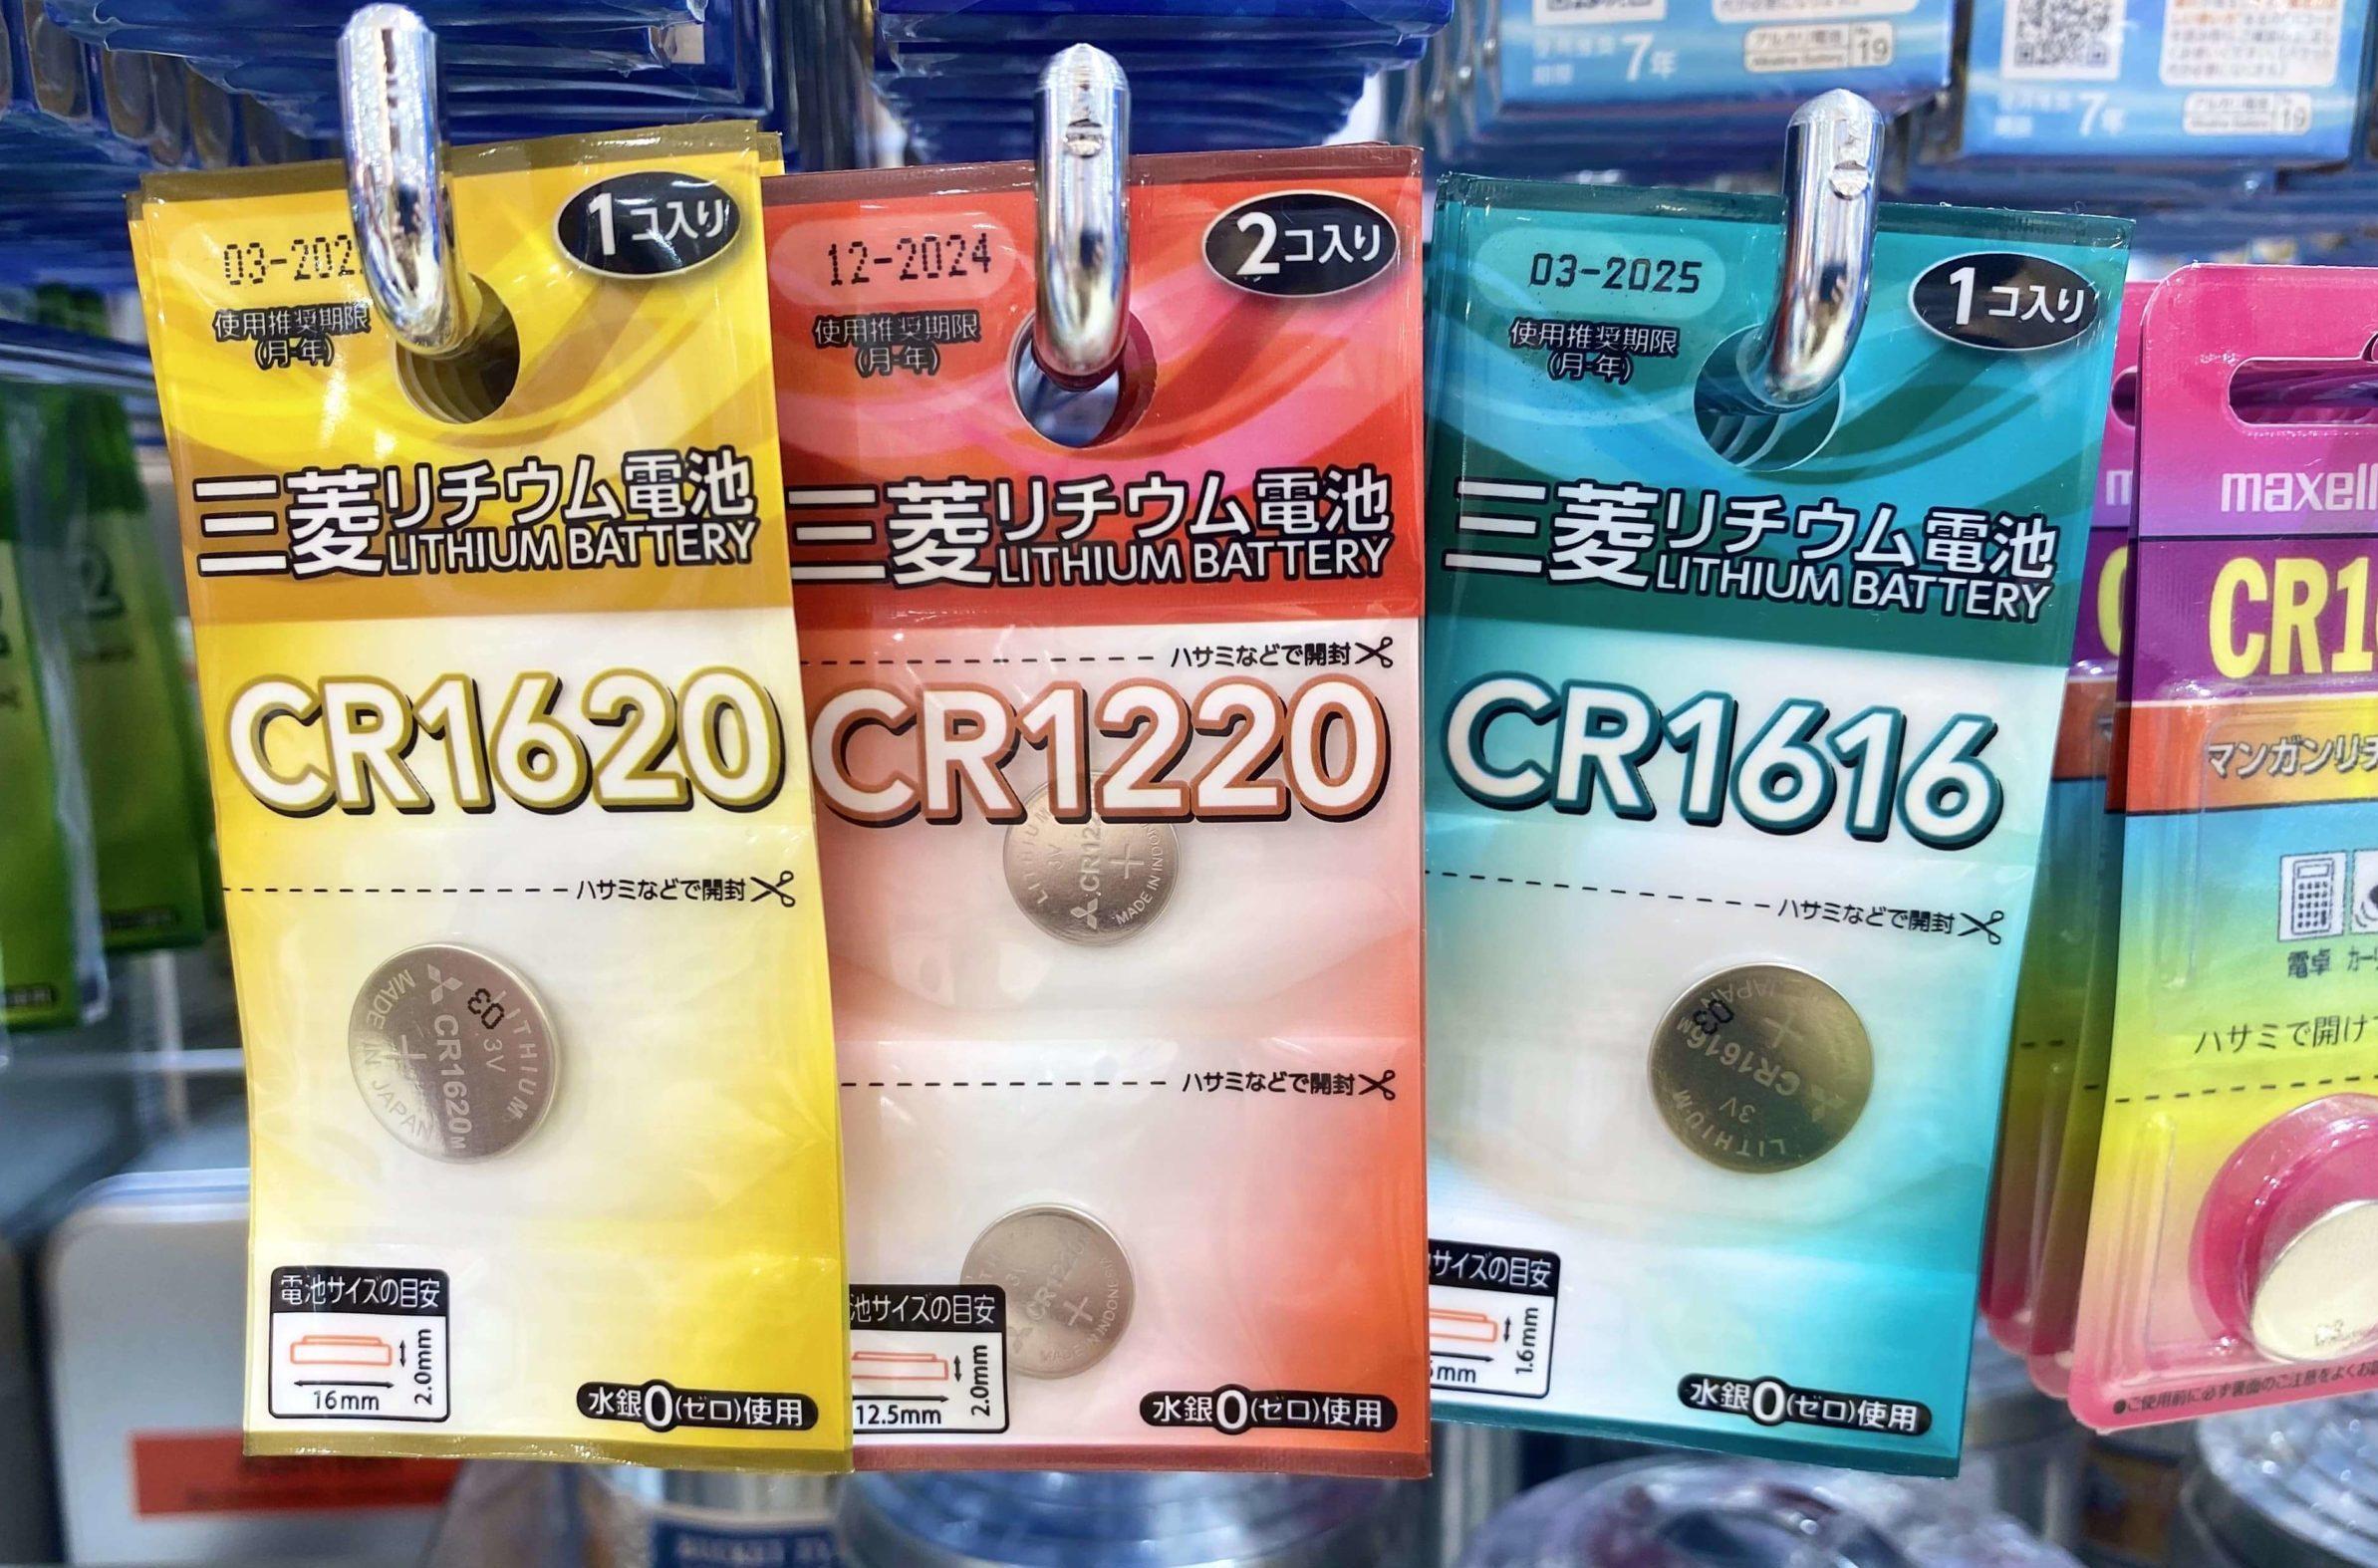 ダイソーのCR2032以外のコイン電池